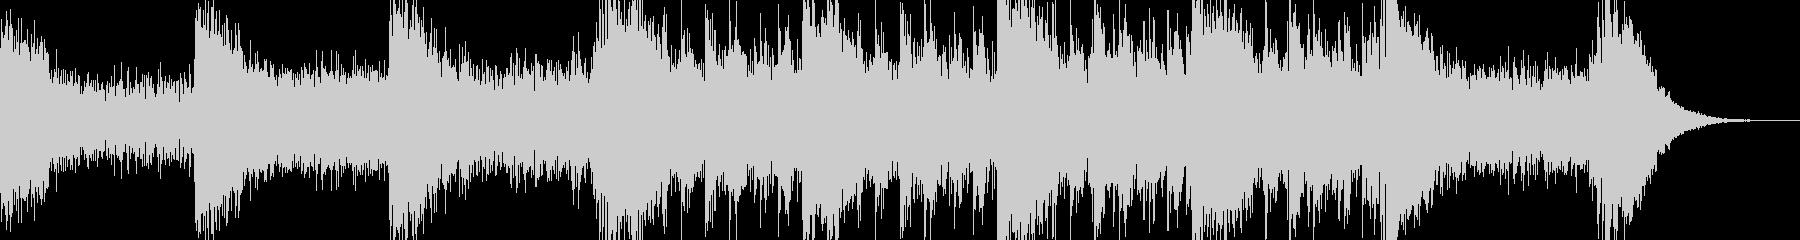 エレクトロ 交響曲 実験的な バト...の未再生の波形